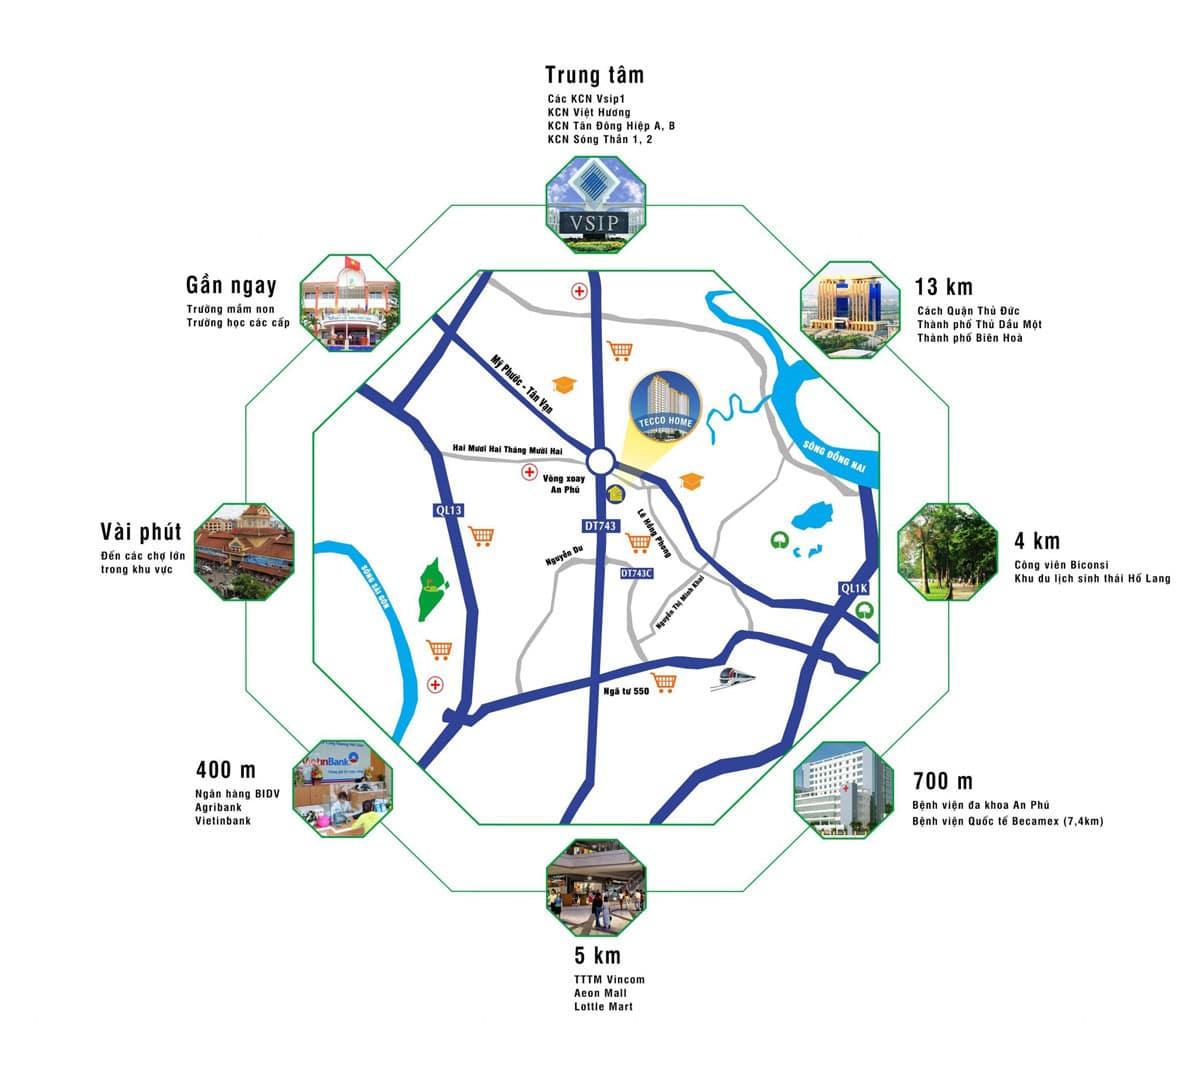 tiện ích liên kết vùng dự án căn hộ tecco home an phú bình dương - DỰ ÁN CĂN HỘ TECCO HOME AN PHÚ BÌNH DƯƠNG